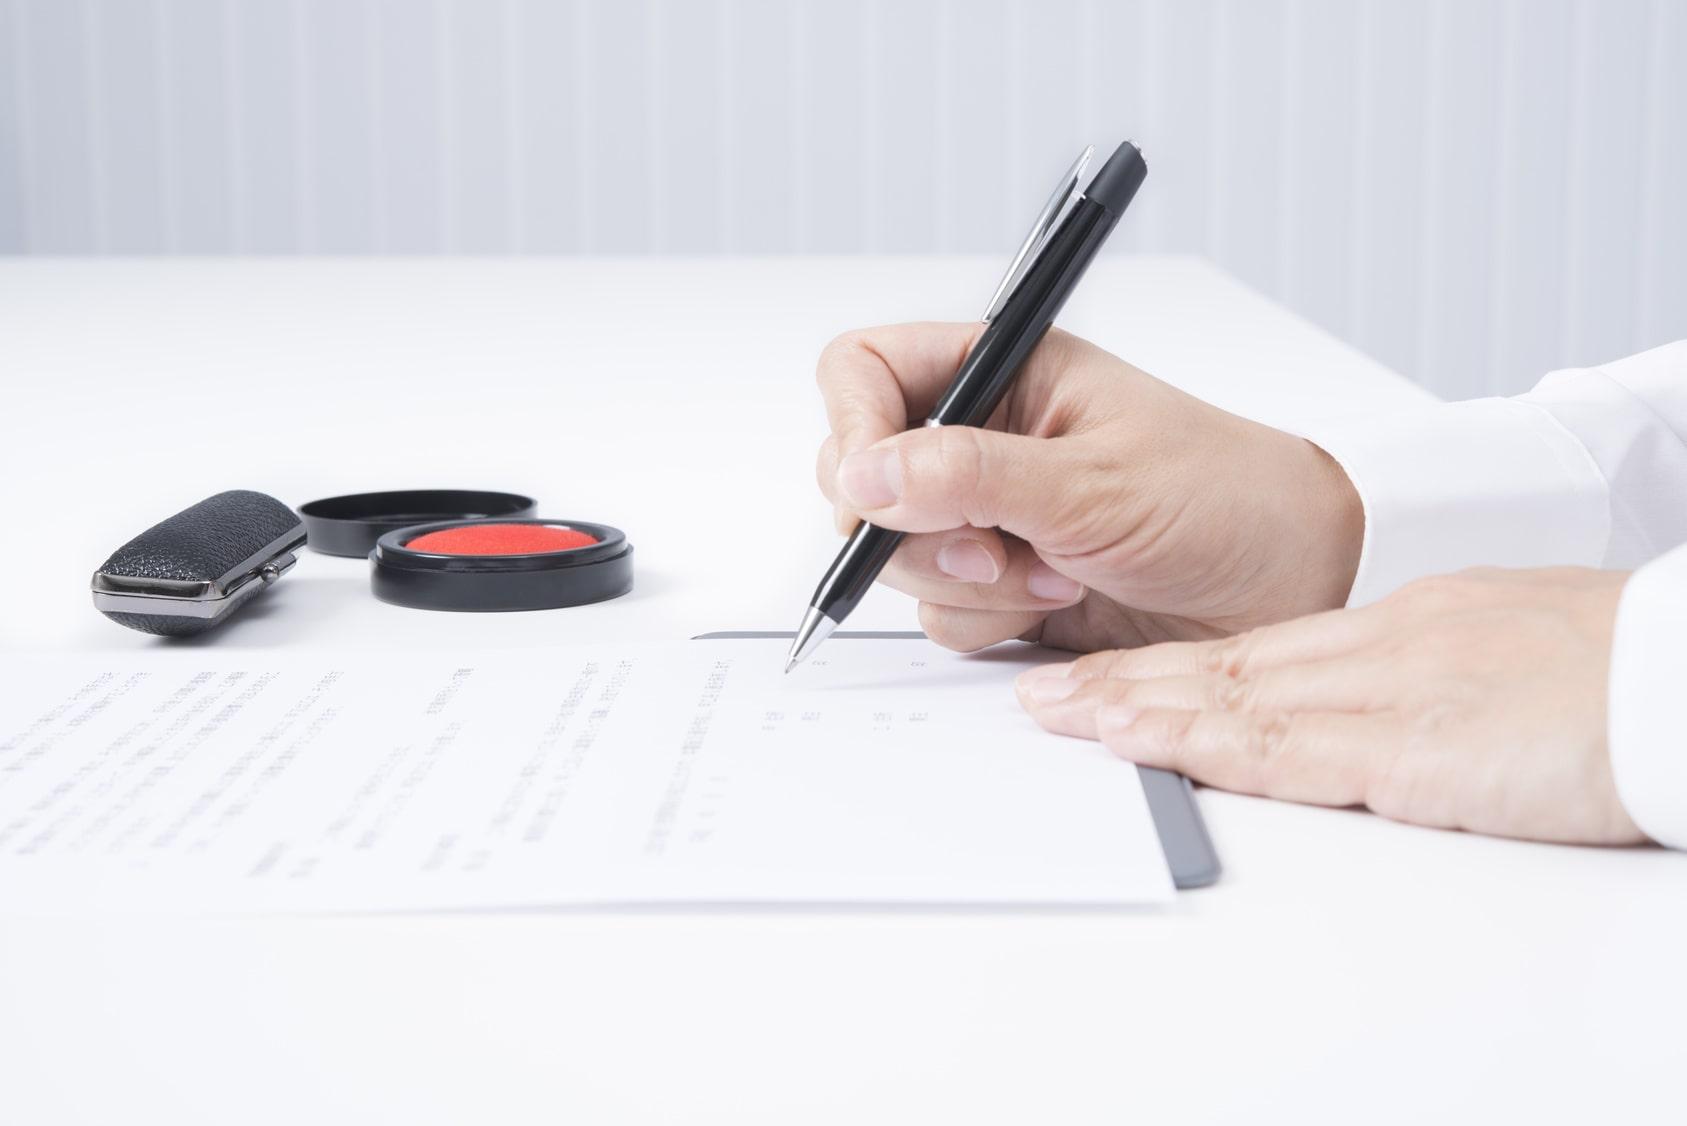 住宅ローン審査にかかる期間と重要書類のまとめ